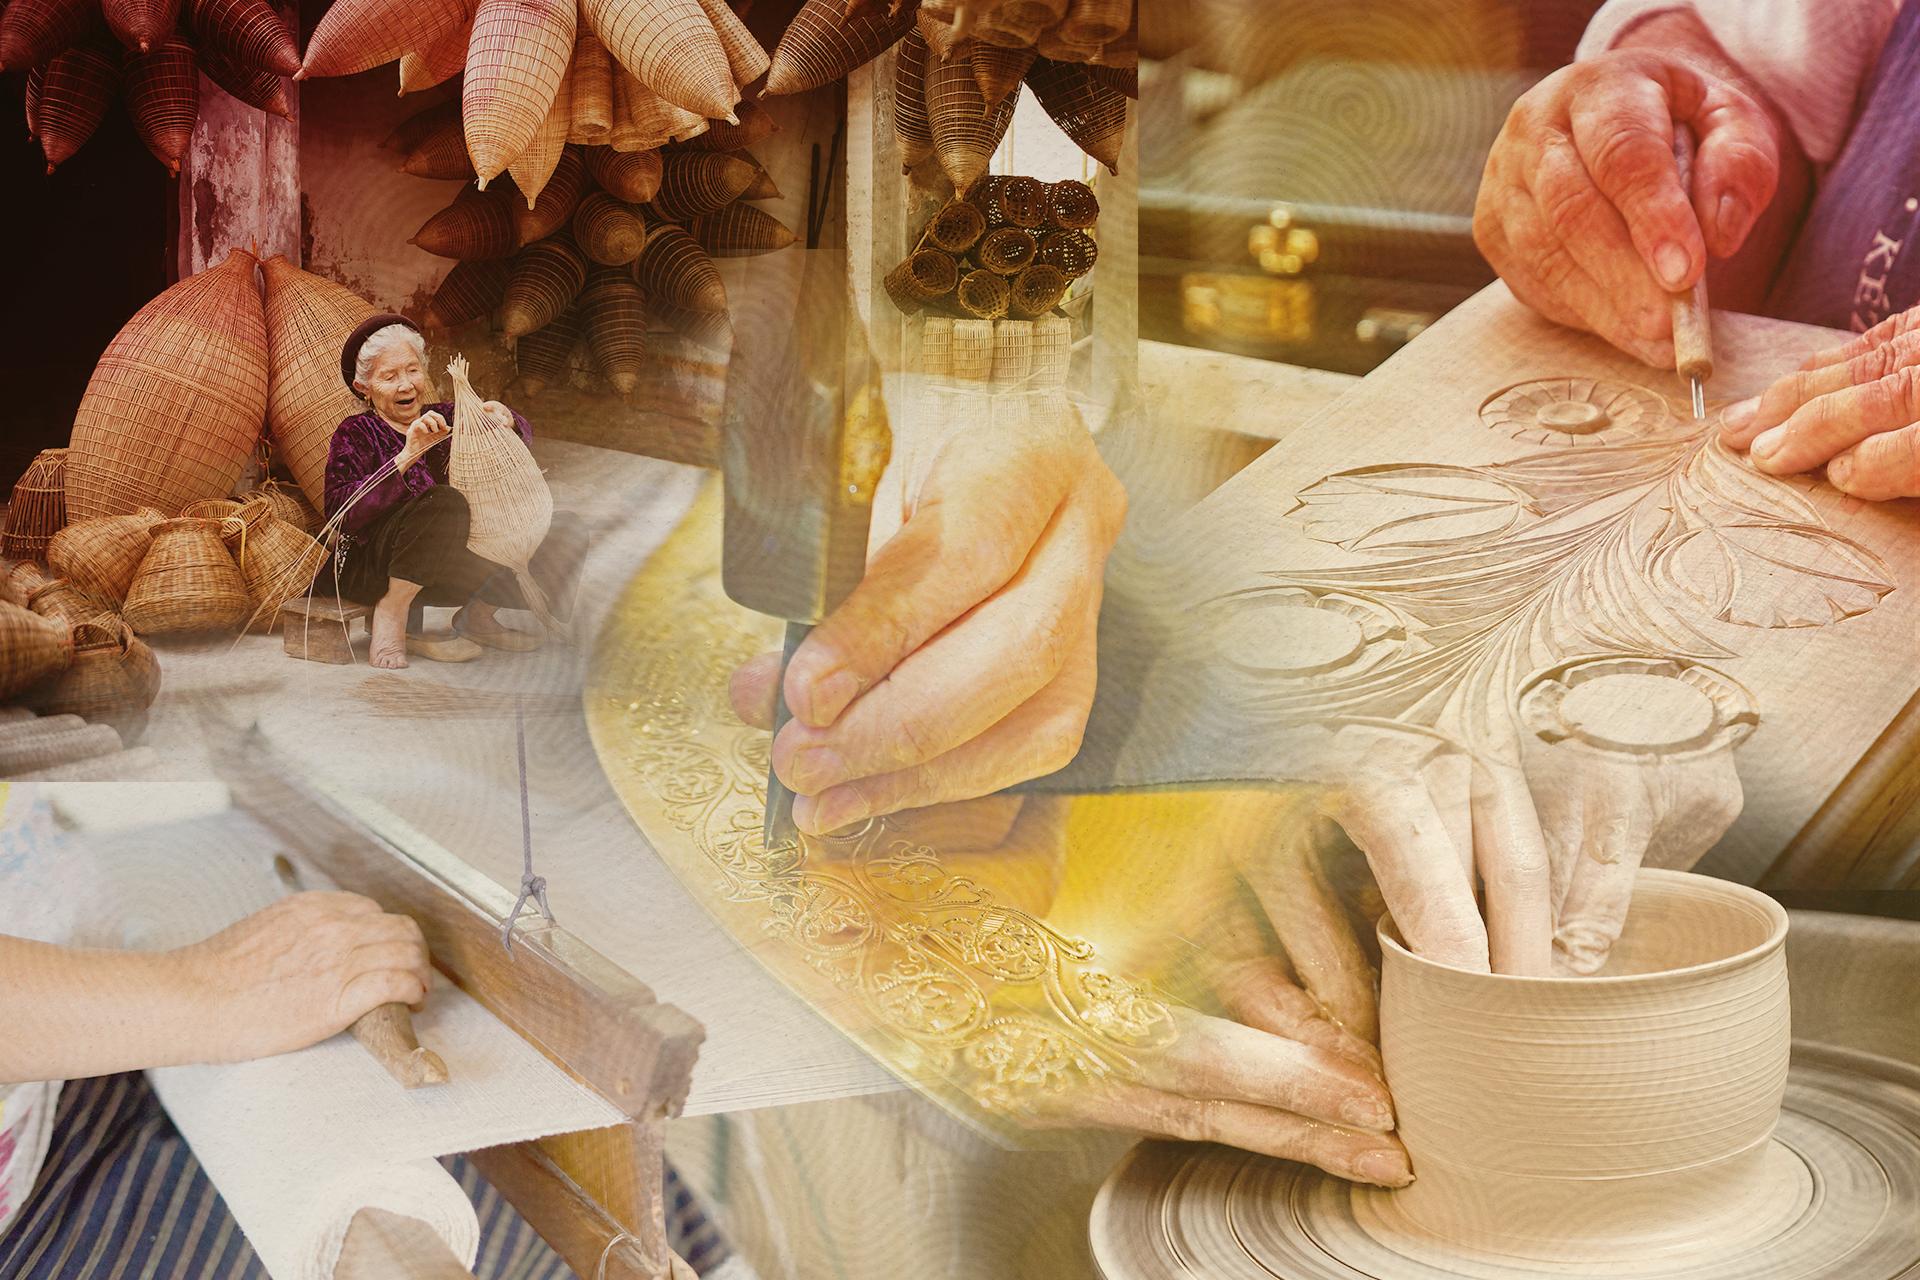 Lấy di sản văn hóa làm bản lề, Sunshine Group tiên phong mở lối dòng nghỉ dưỡng khác biệt trên thị trường - Ảnh 5.